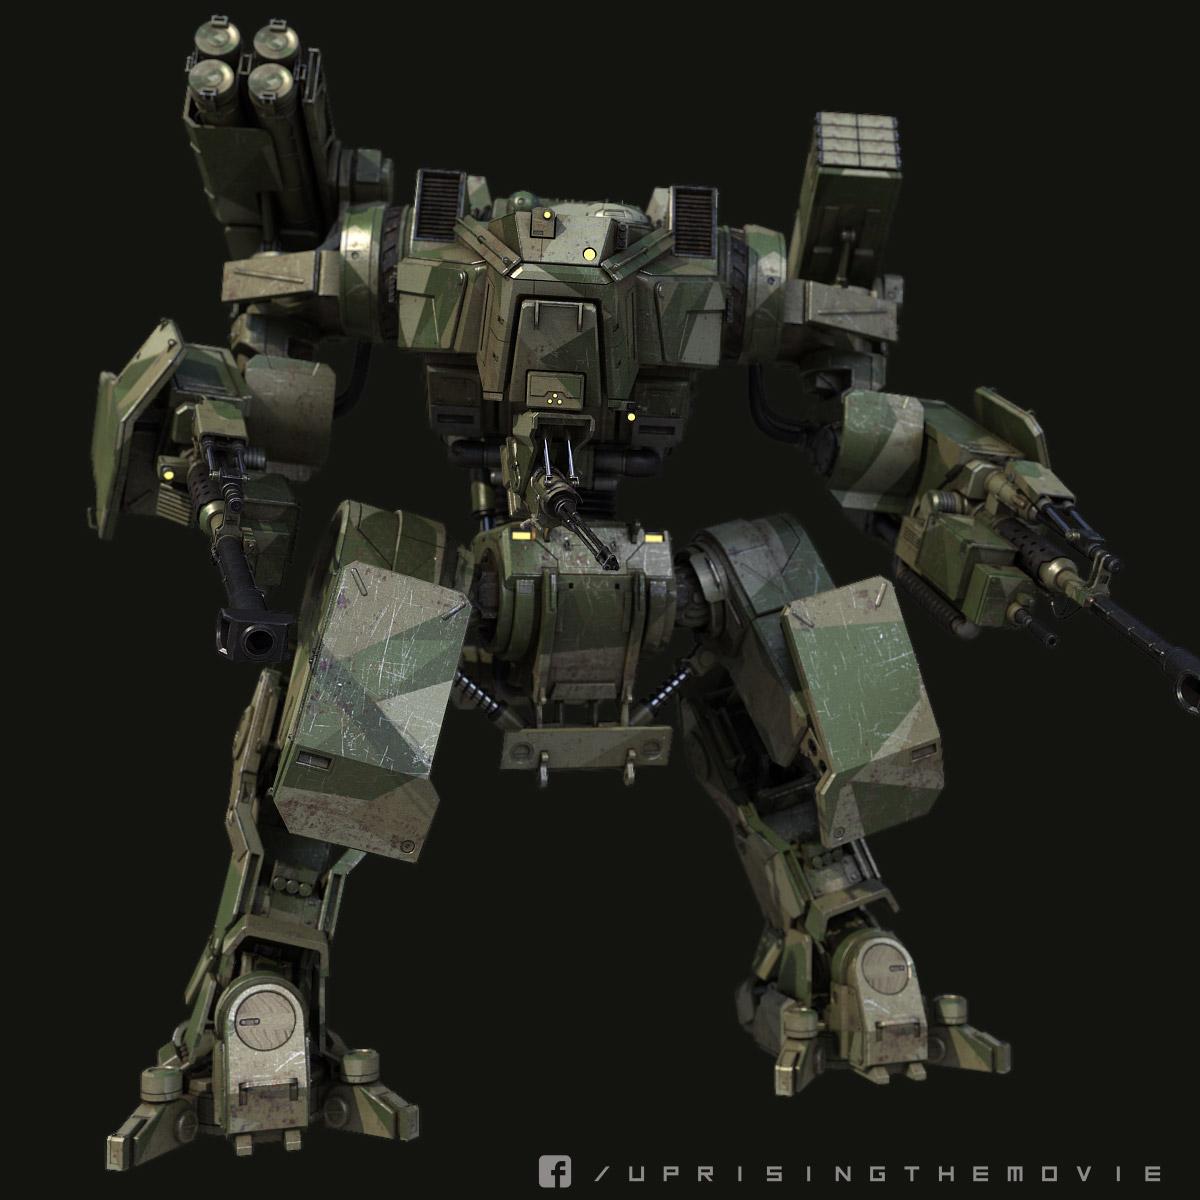 robot science fiction concept - photo #28